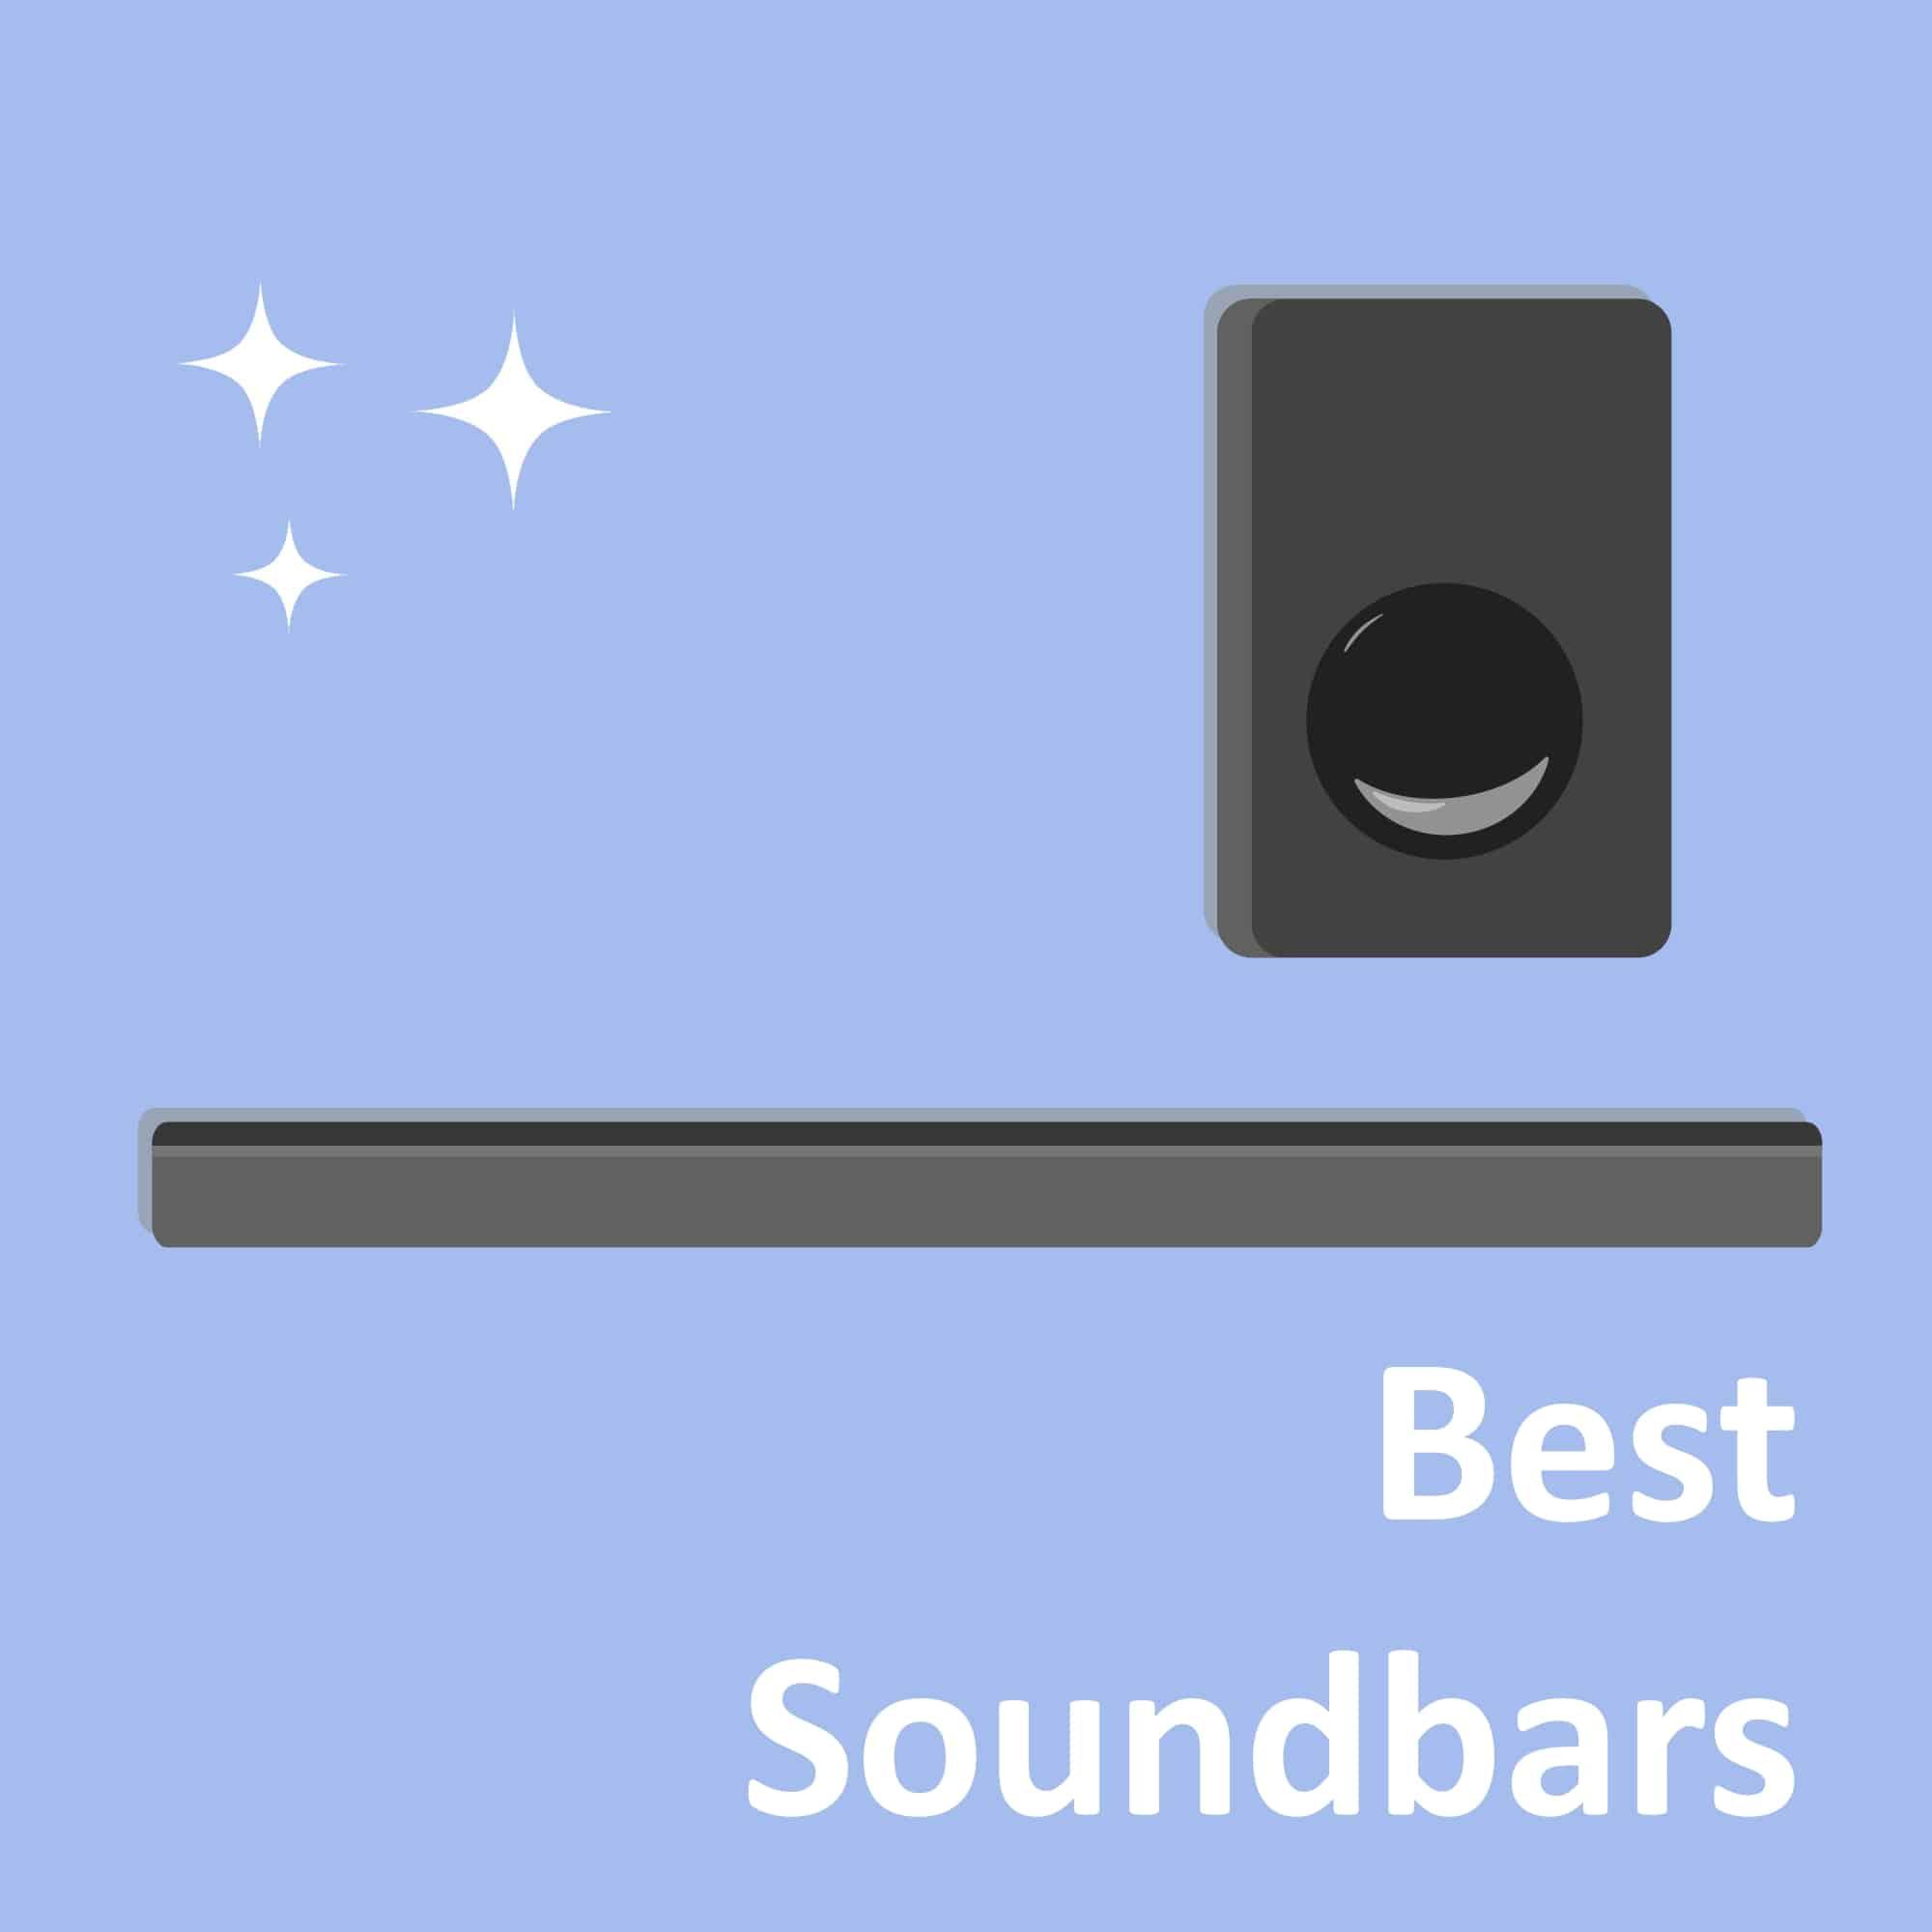 best soundbar 2019 buyer's guide (reviewed jan.2019) - top 5